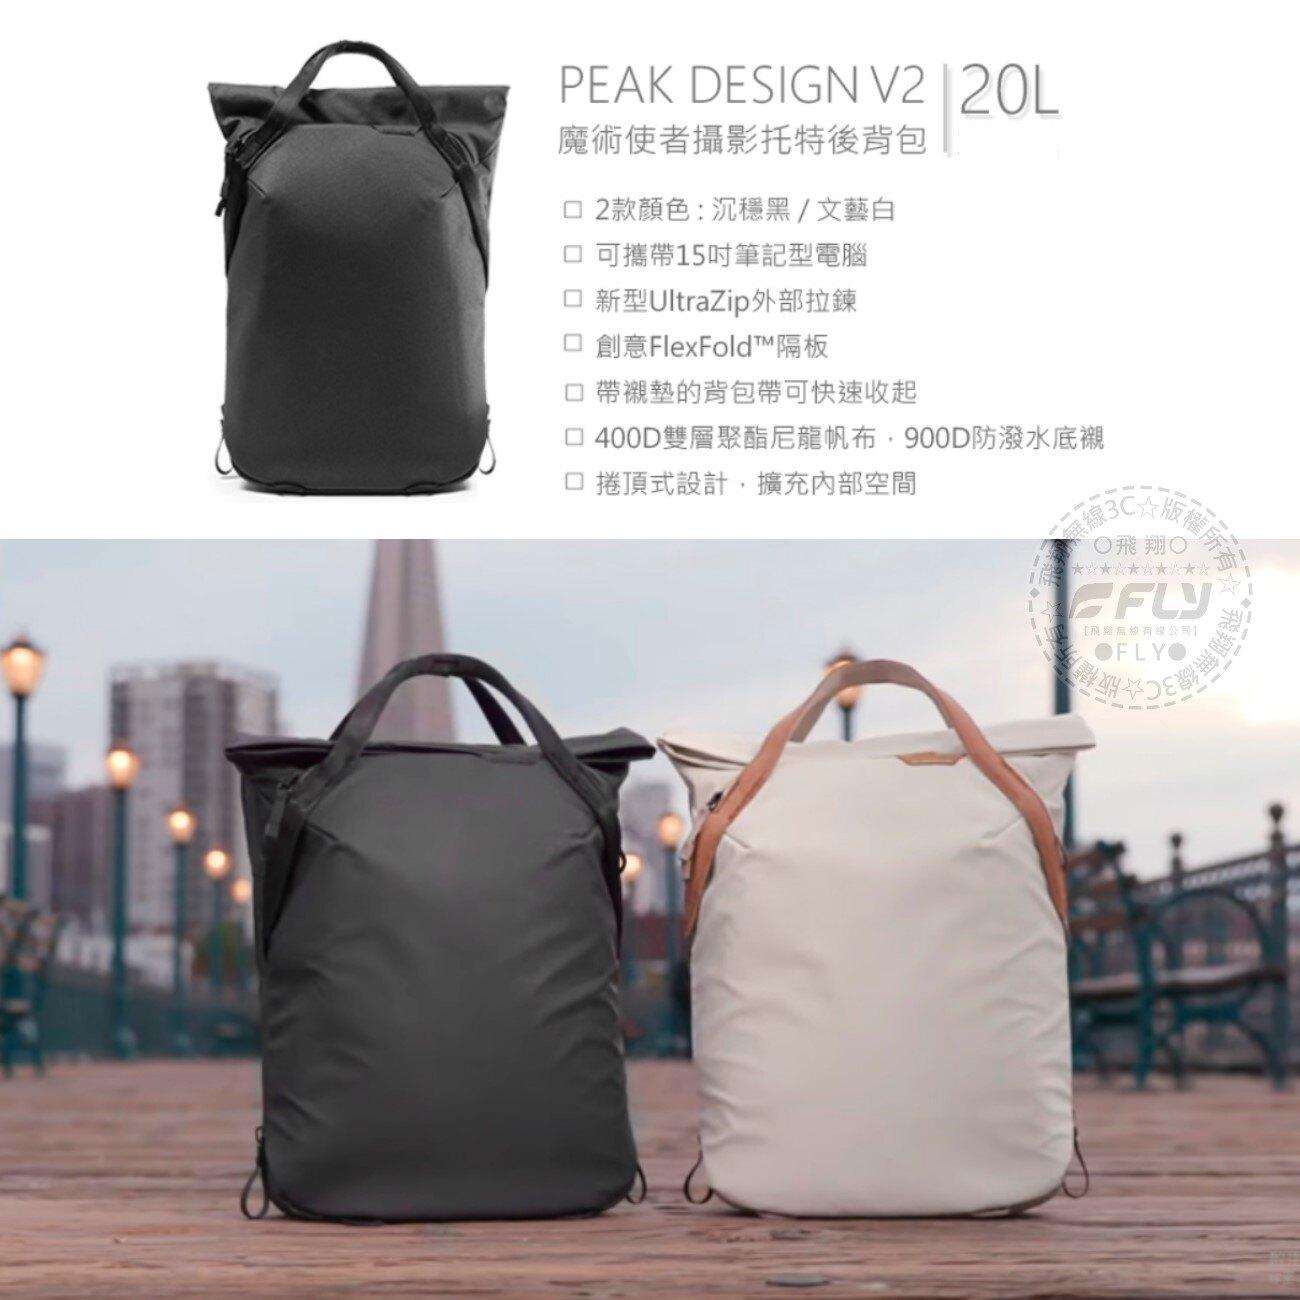 《飛翔無線3C》PEAK DESIGN V2 魔術使者攝影托特後背包 20L◉台灣公司貨◉單眼相機包◉雙肩後背包